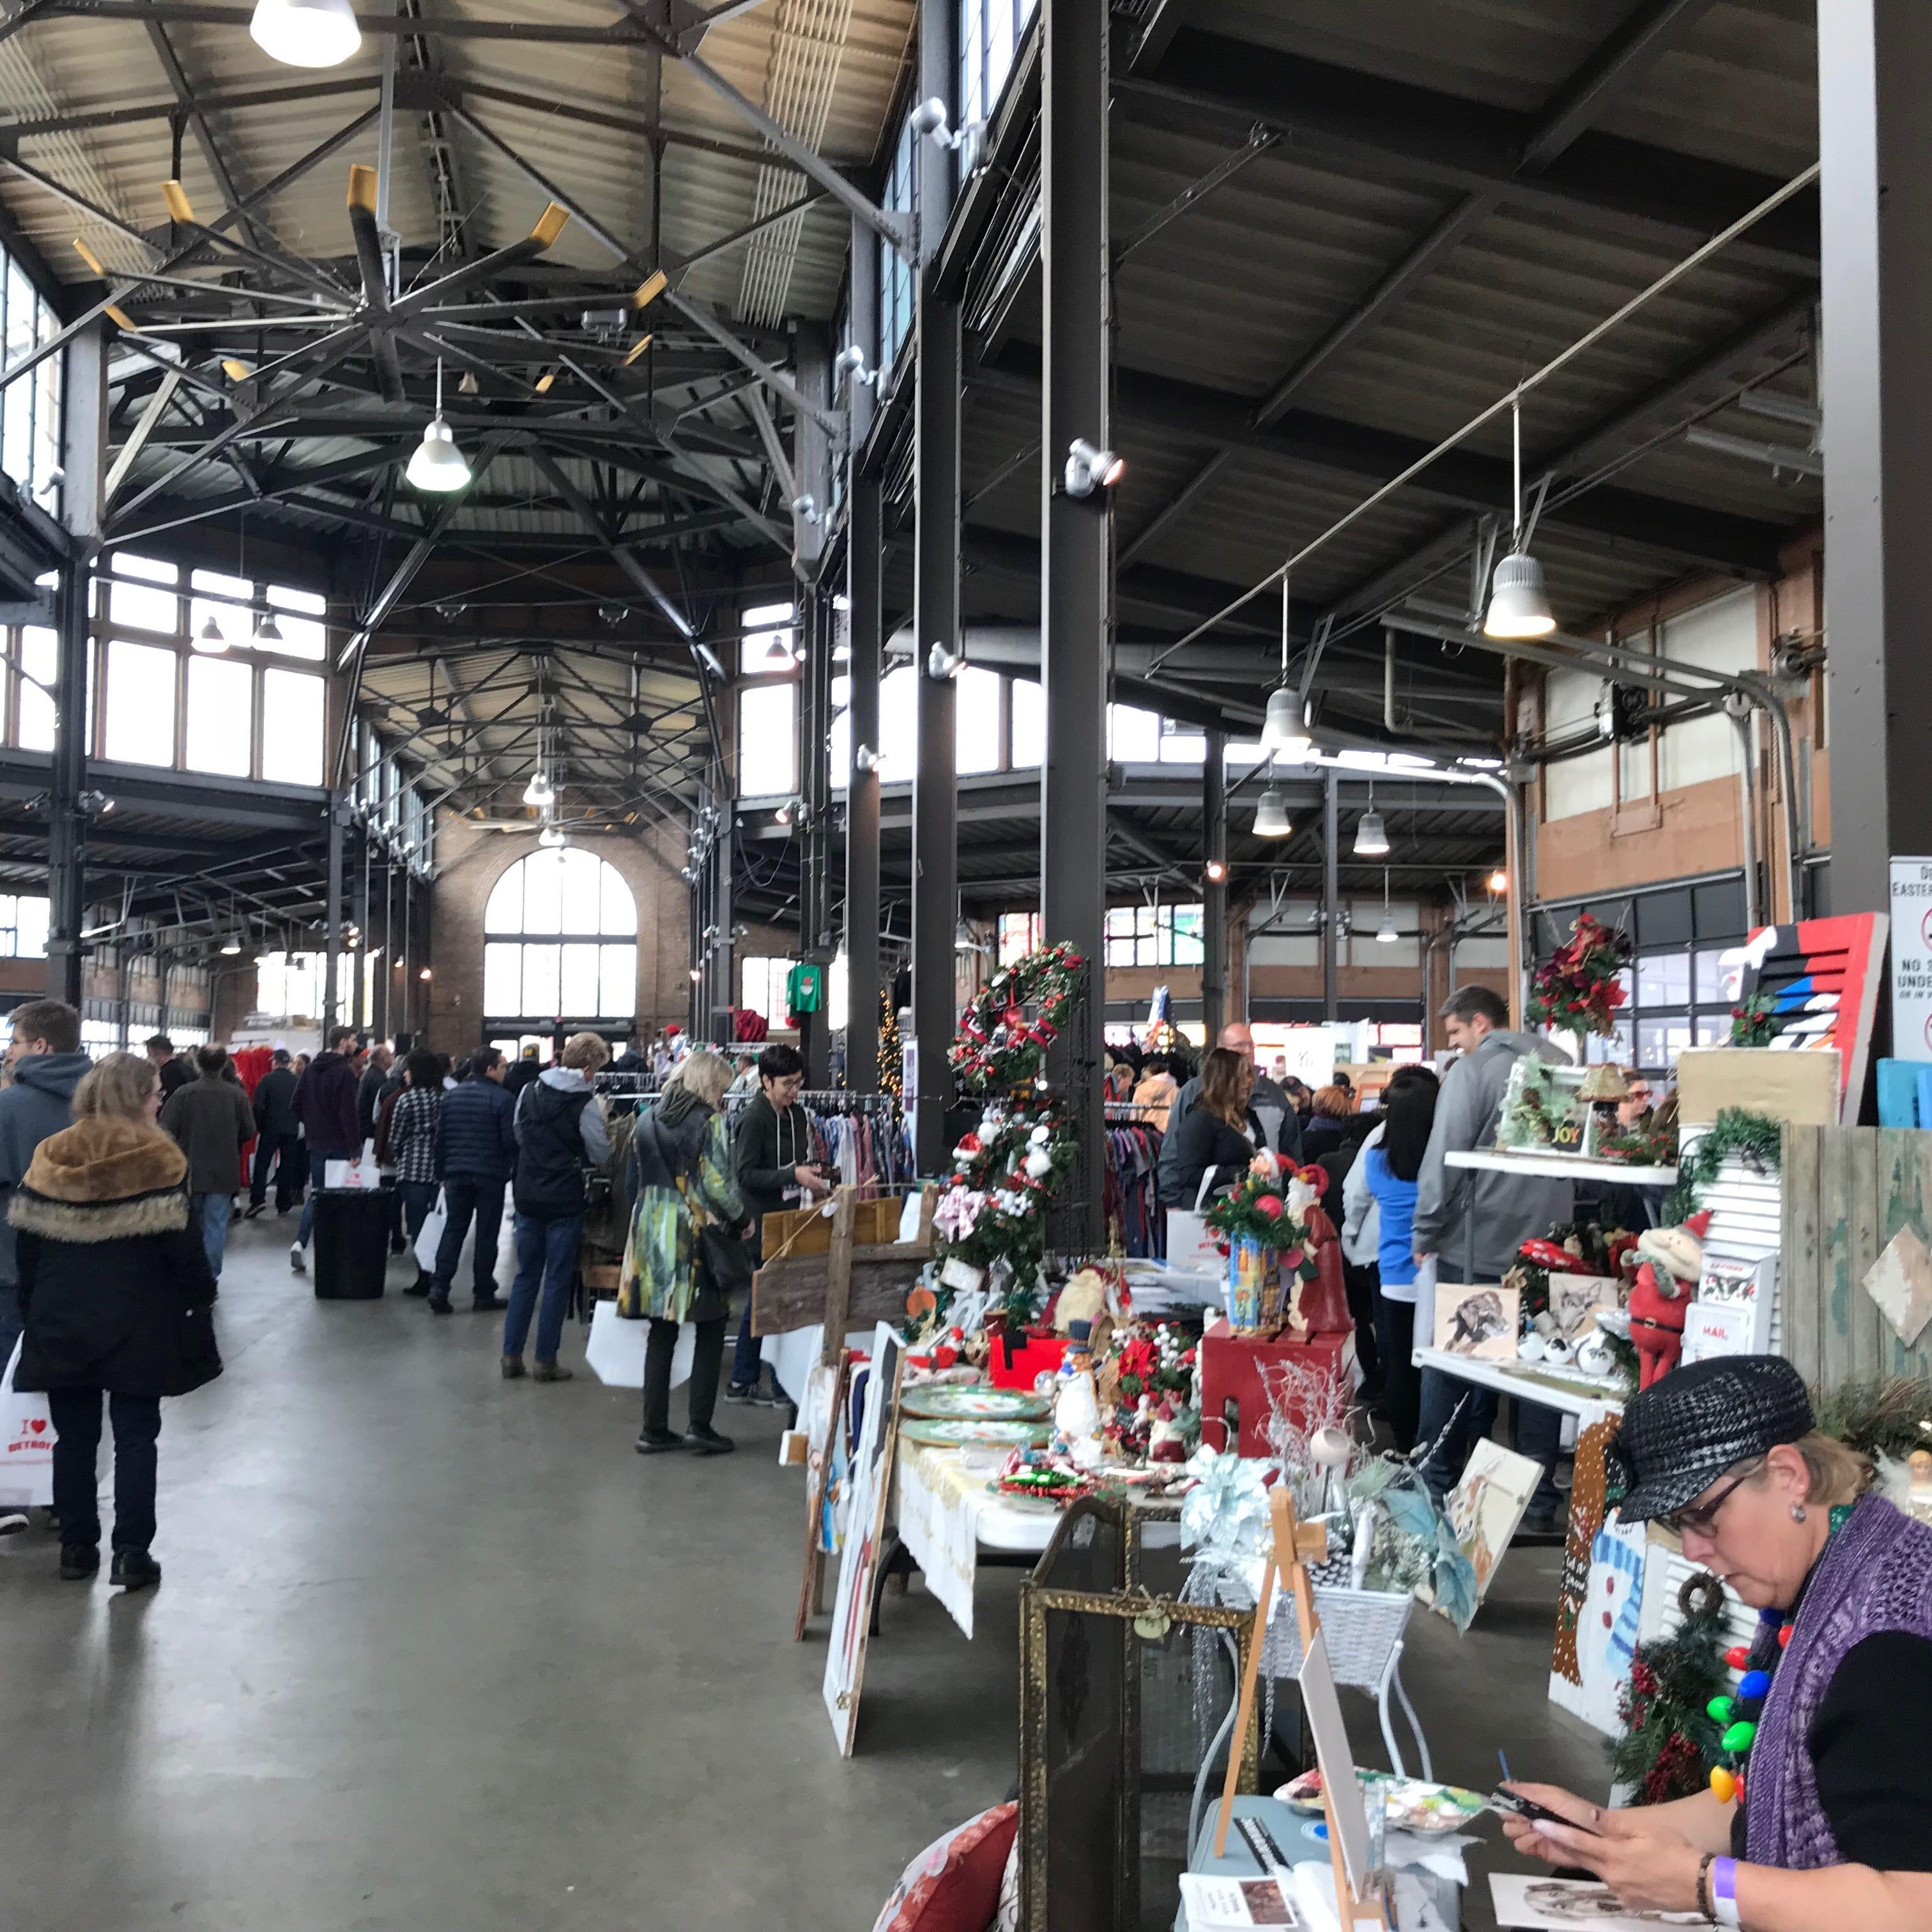 Detroit small businesses, entrepreneurs star of Eastern Market show